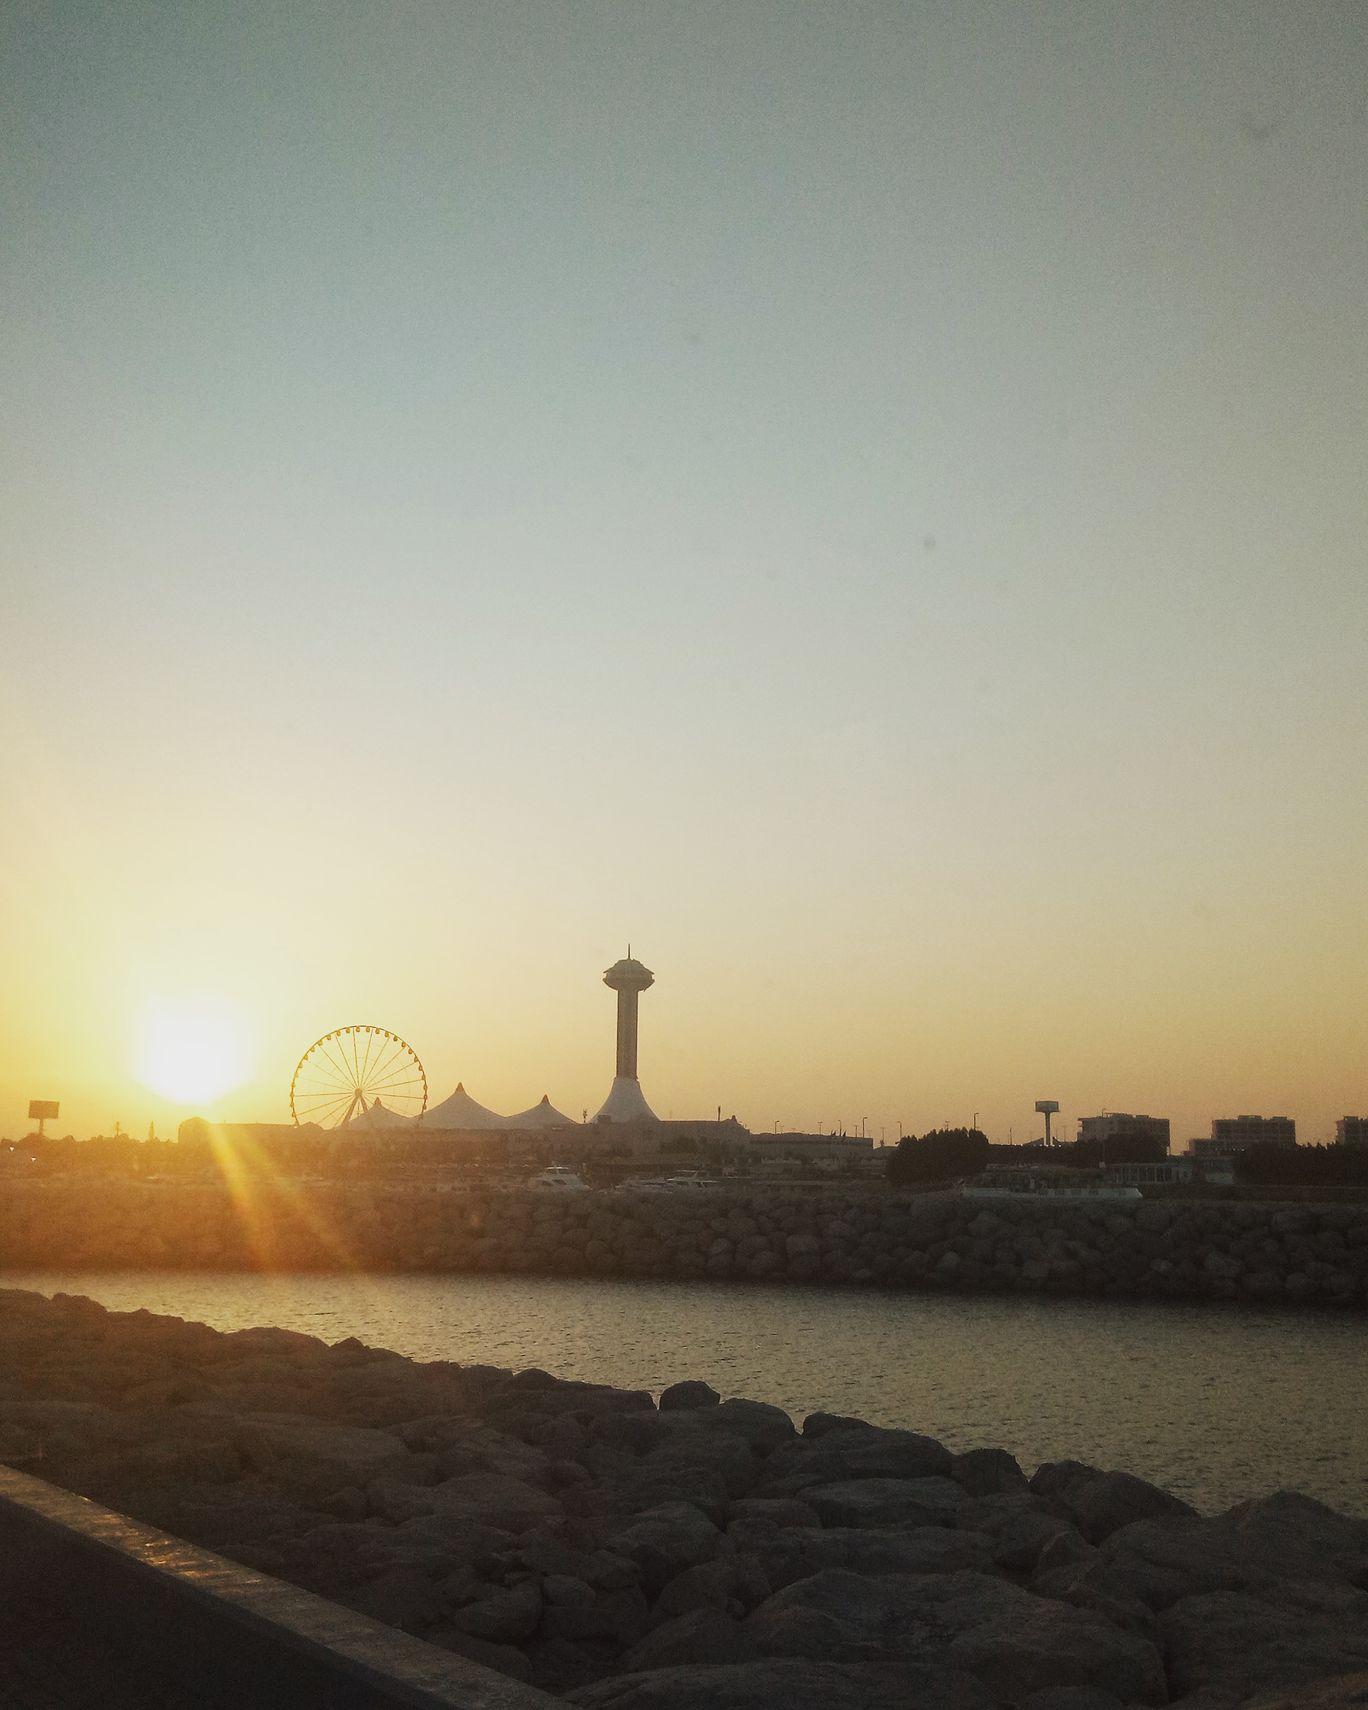 Photo of Abu Dhabi - United Arab Emirates By Ayush Bansal